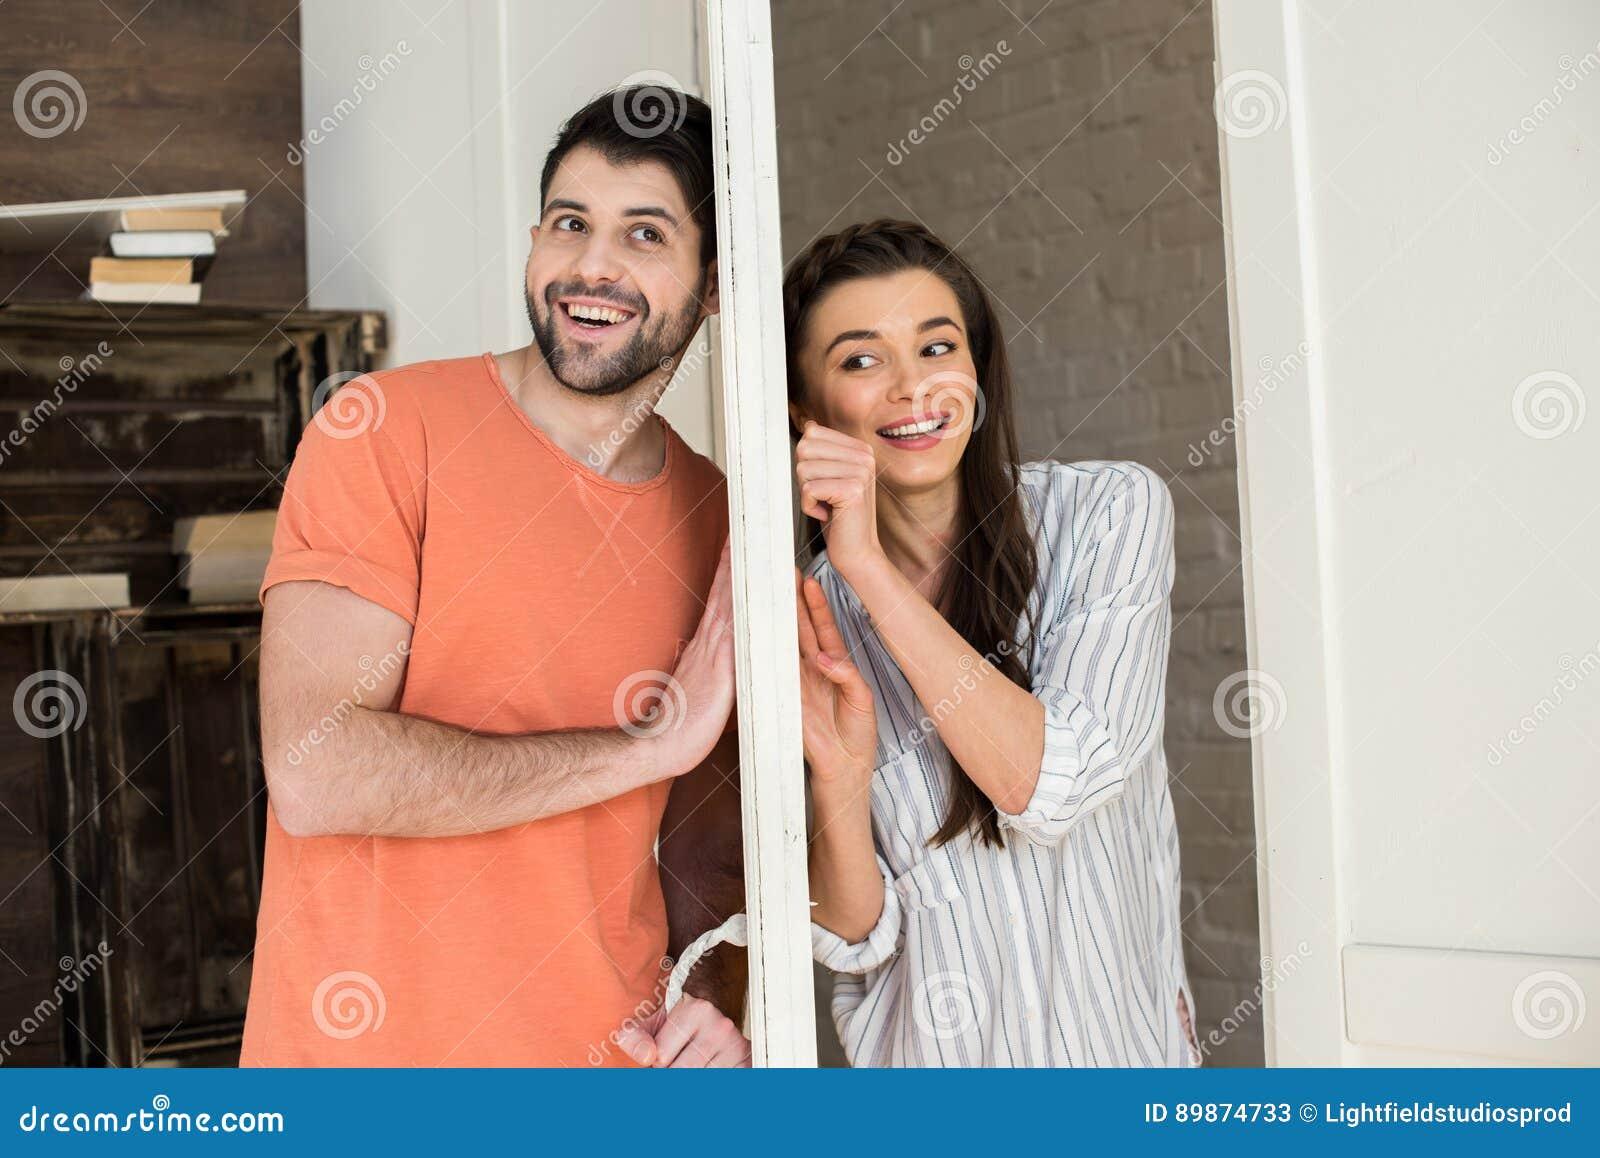 Νέα ακρόαση ζευγών μεταξύ τους μέσω της πόρτας στο σπίτι